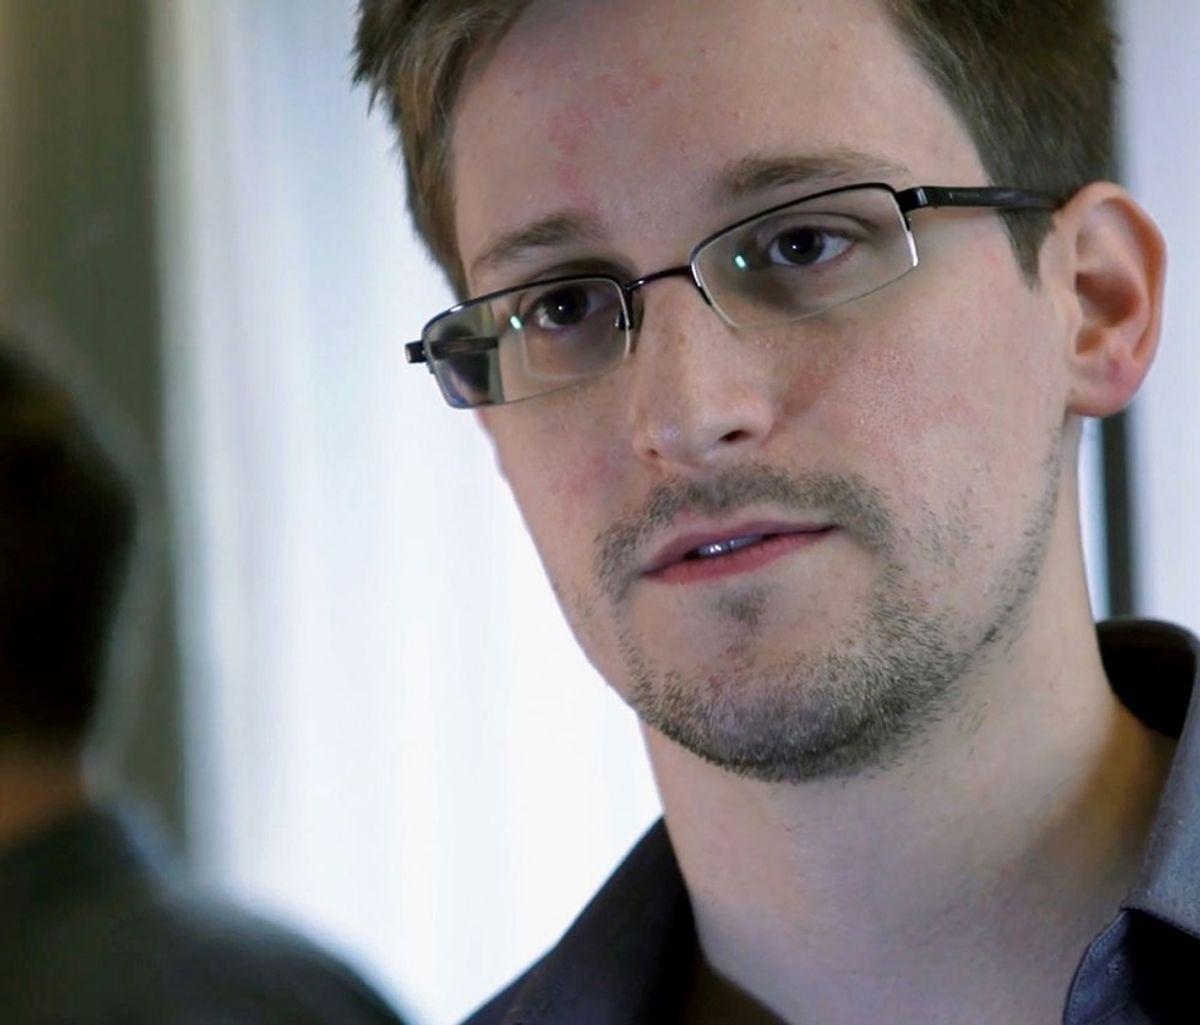 Snowden Deserves a Pardon